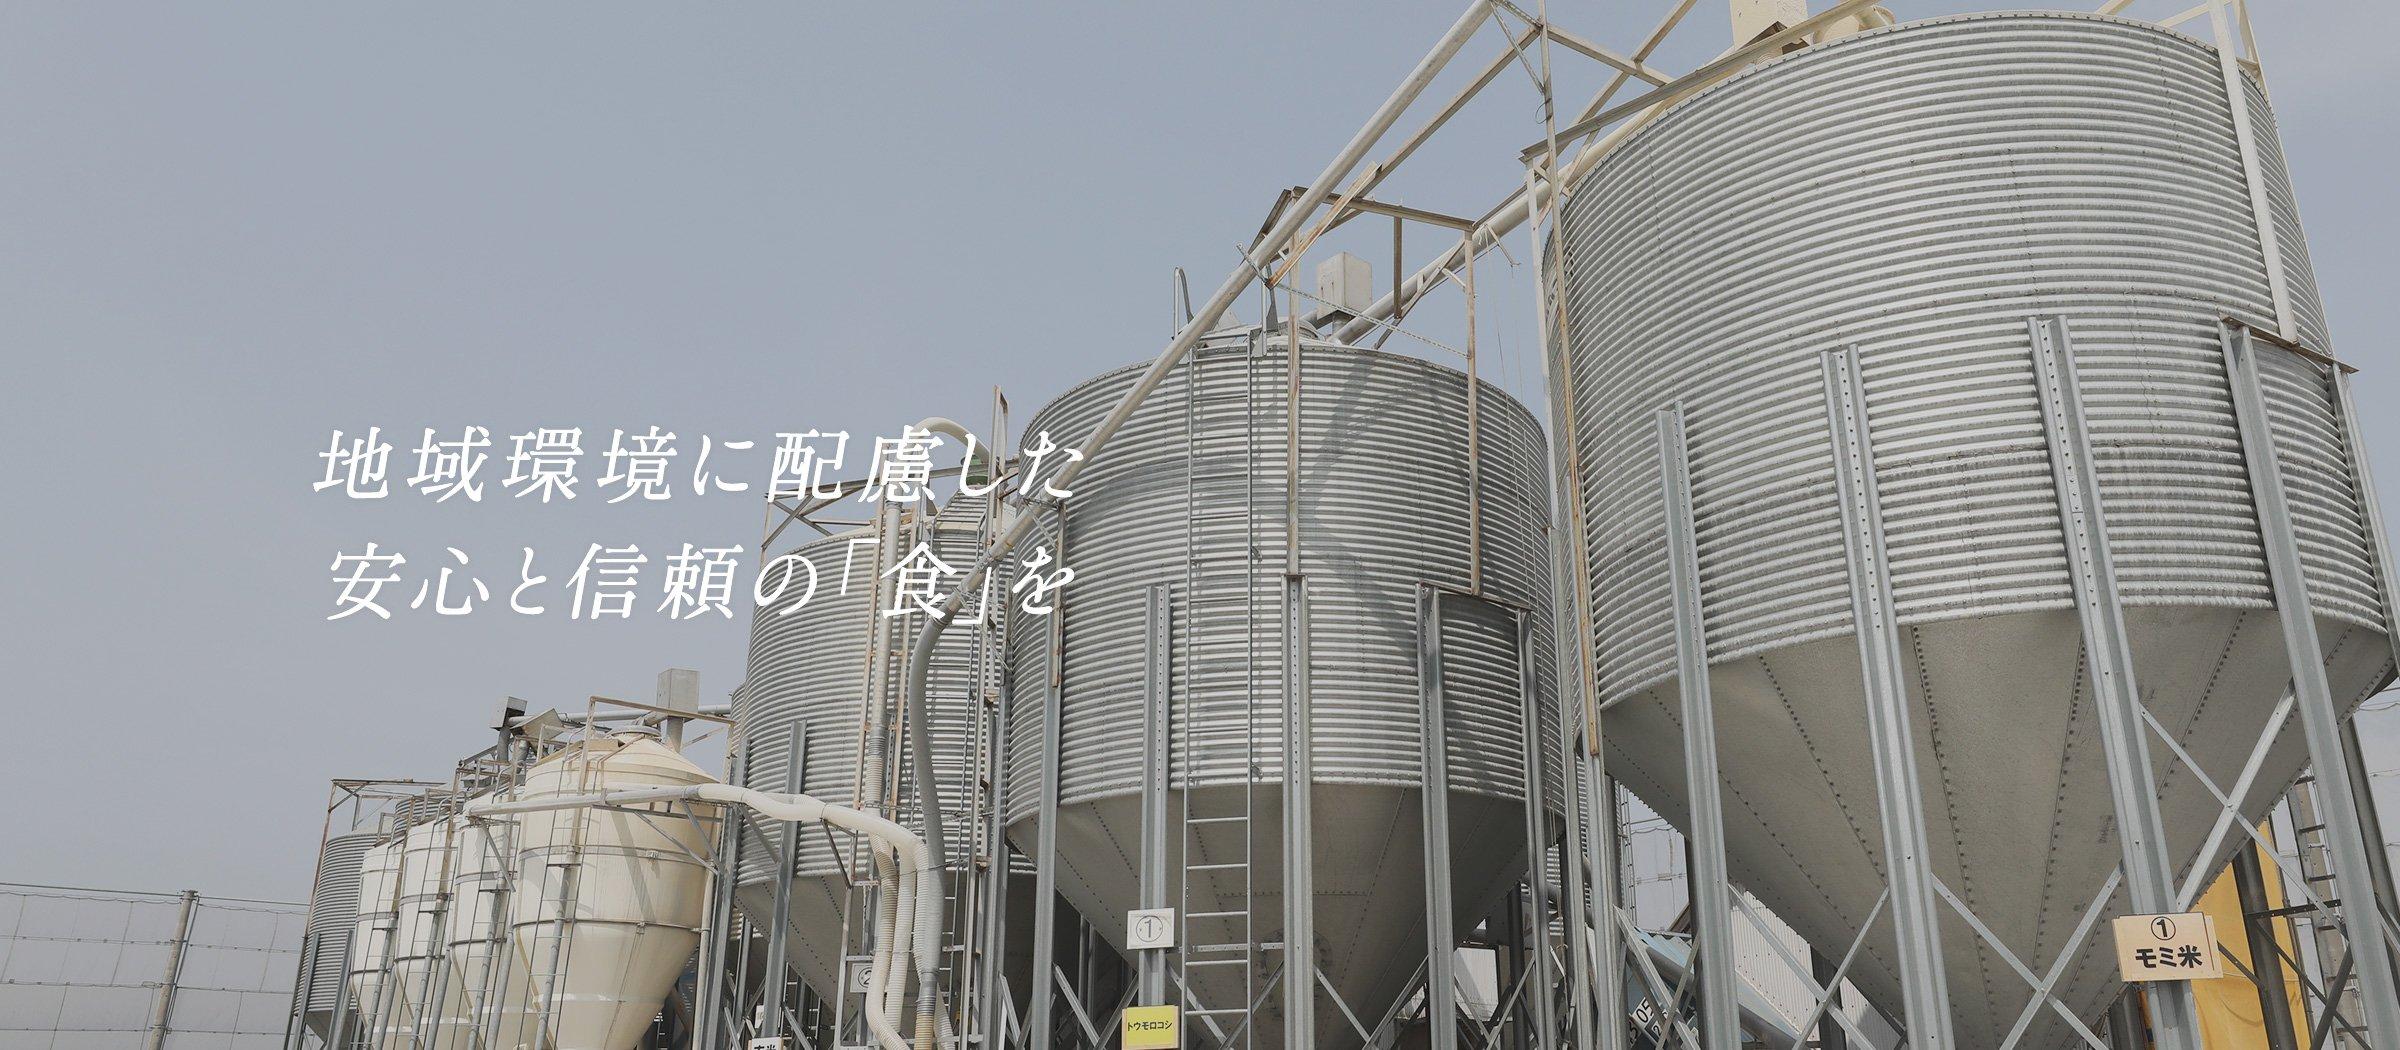 養豚を中心として飼料用米・堆肥・再生エネルギーを取り扱っています